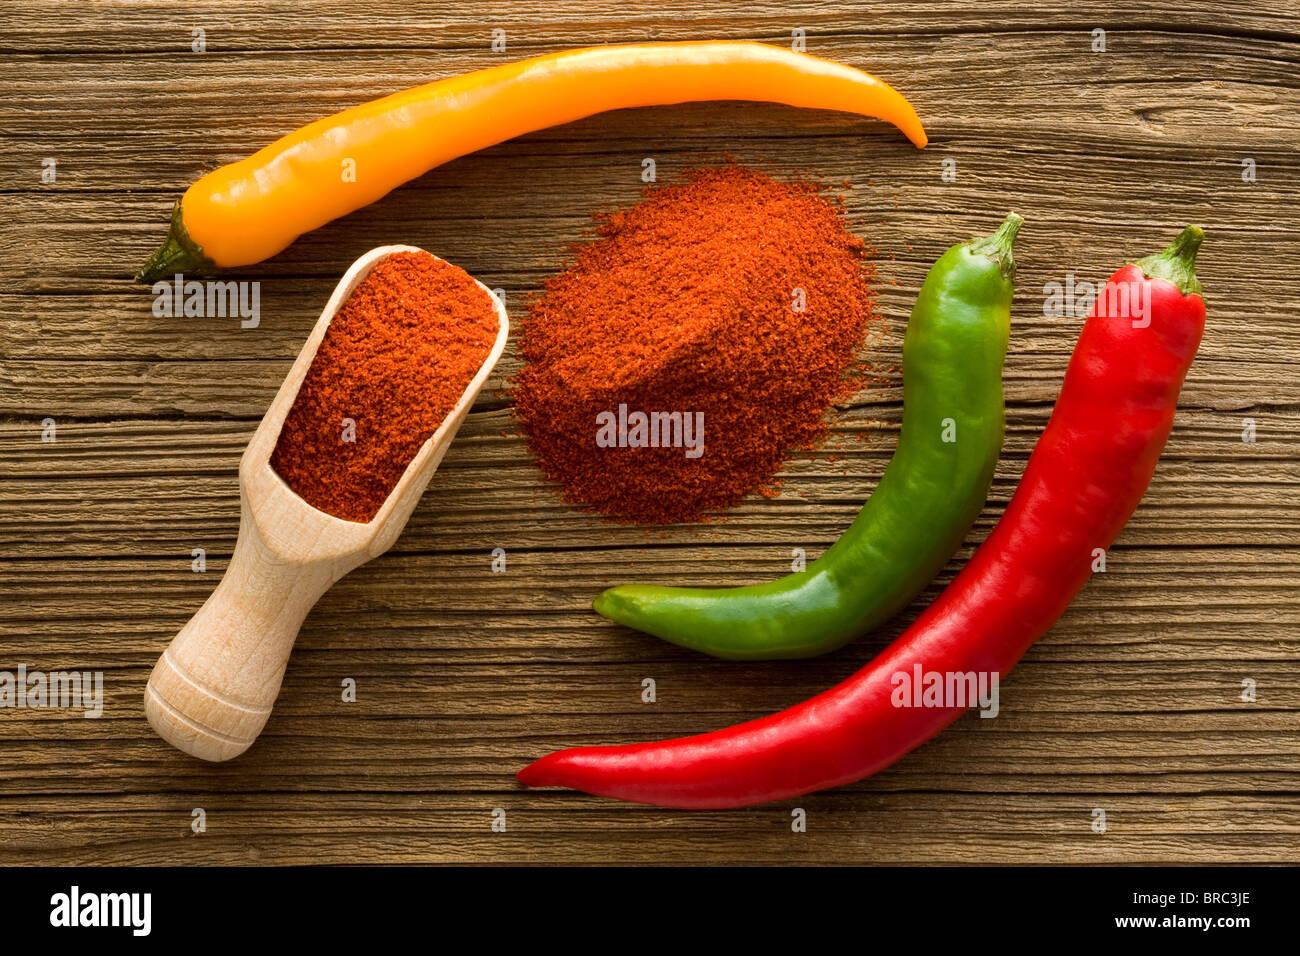 Red Hot paprika en poudre sur cuillère en bois Photo Stock